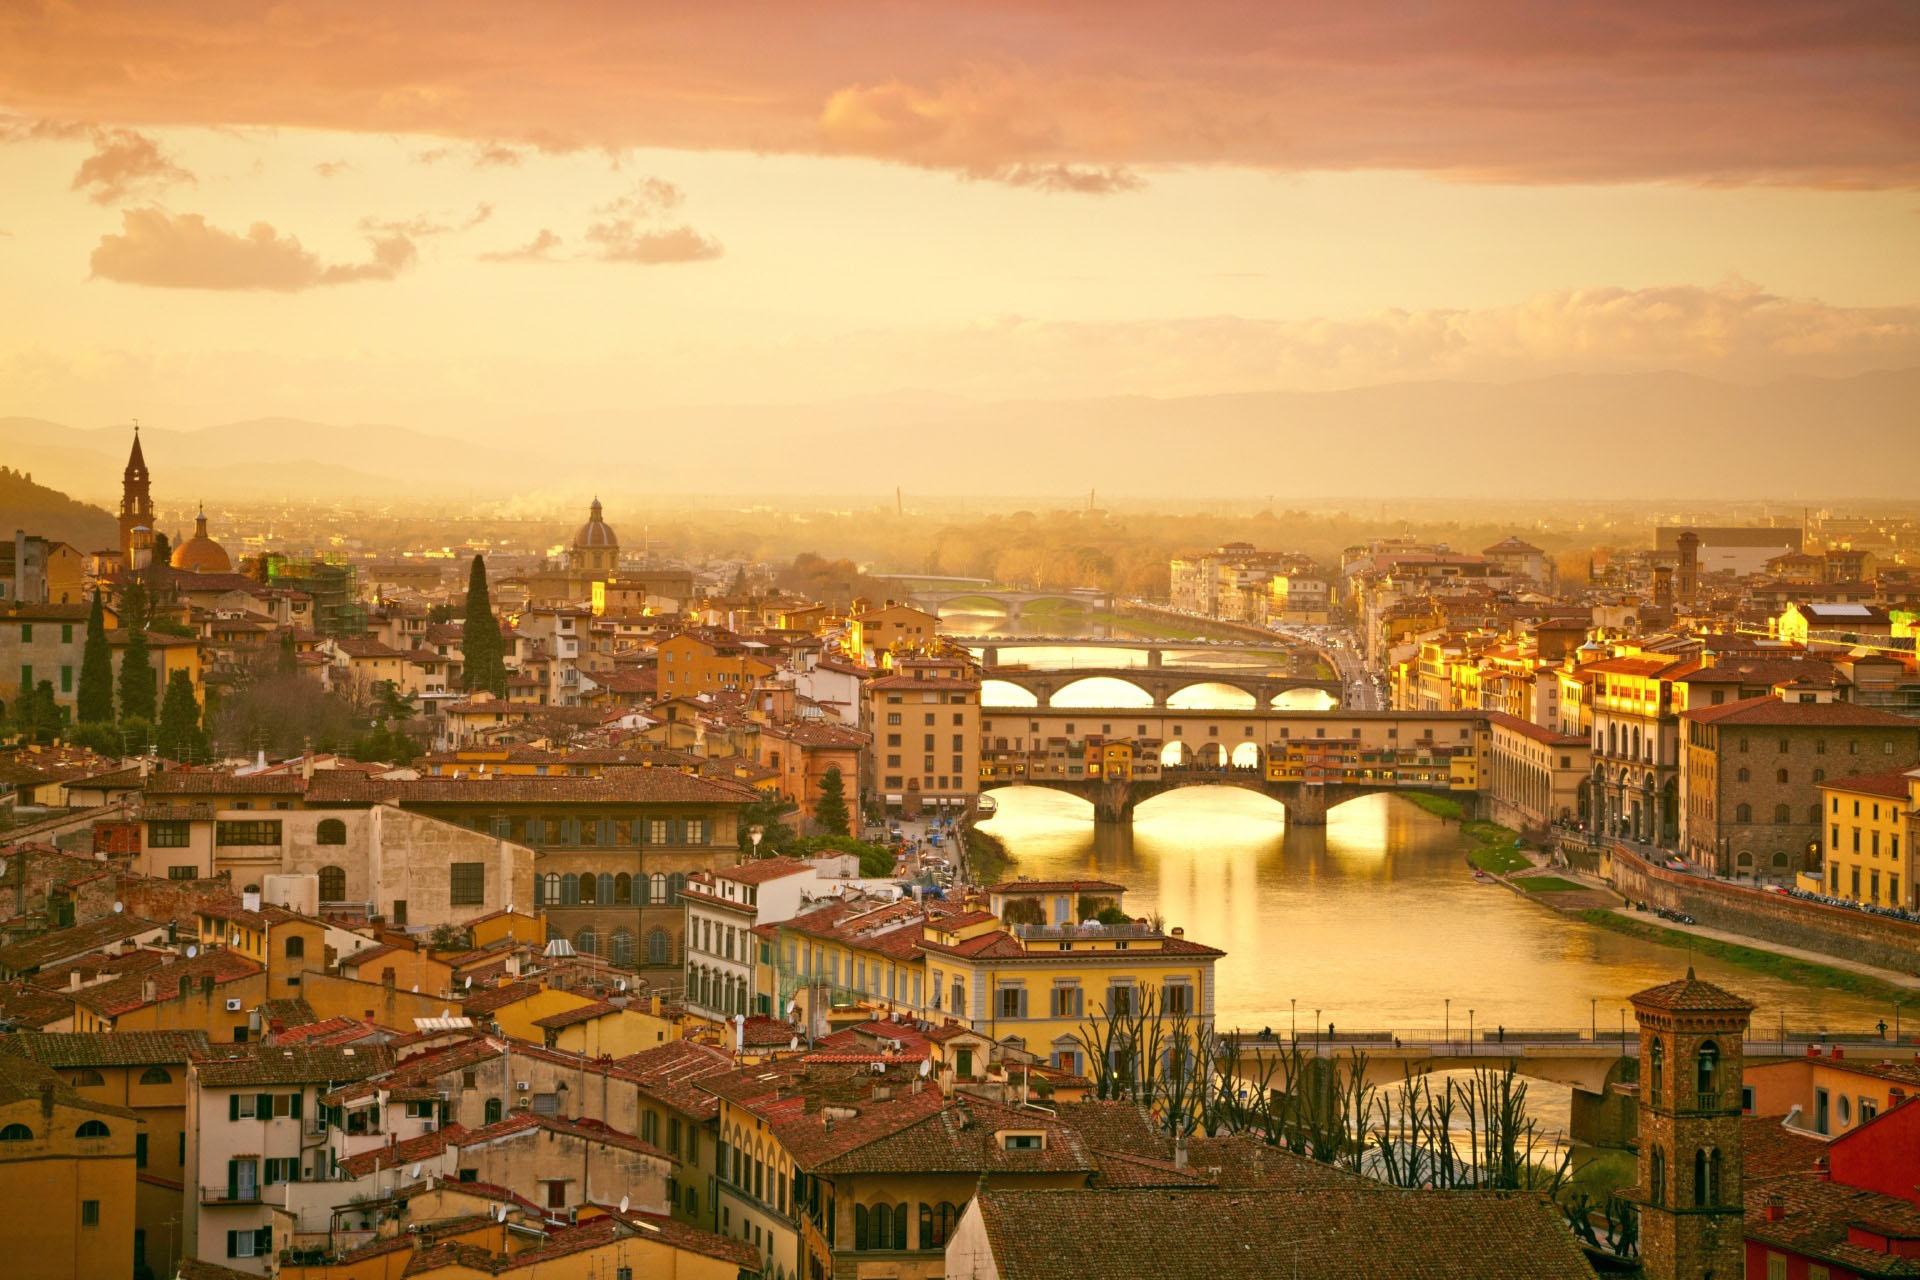 フィレンツェ ポンテ・ヴェッキオ(Ponte Vecchio)の夕暮れの眺め